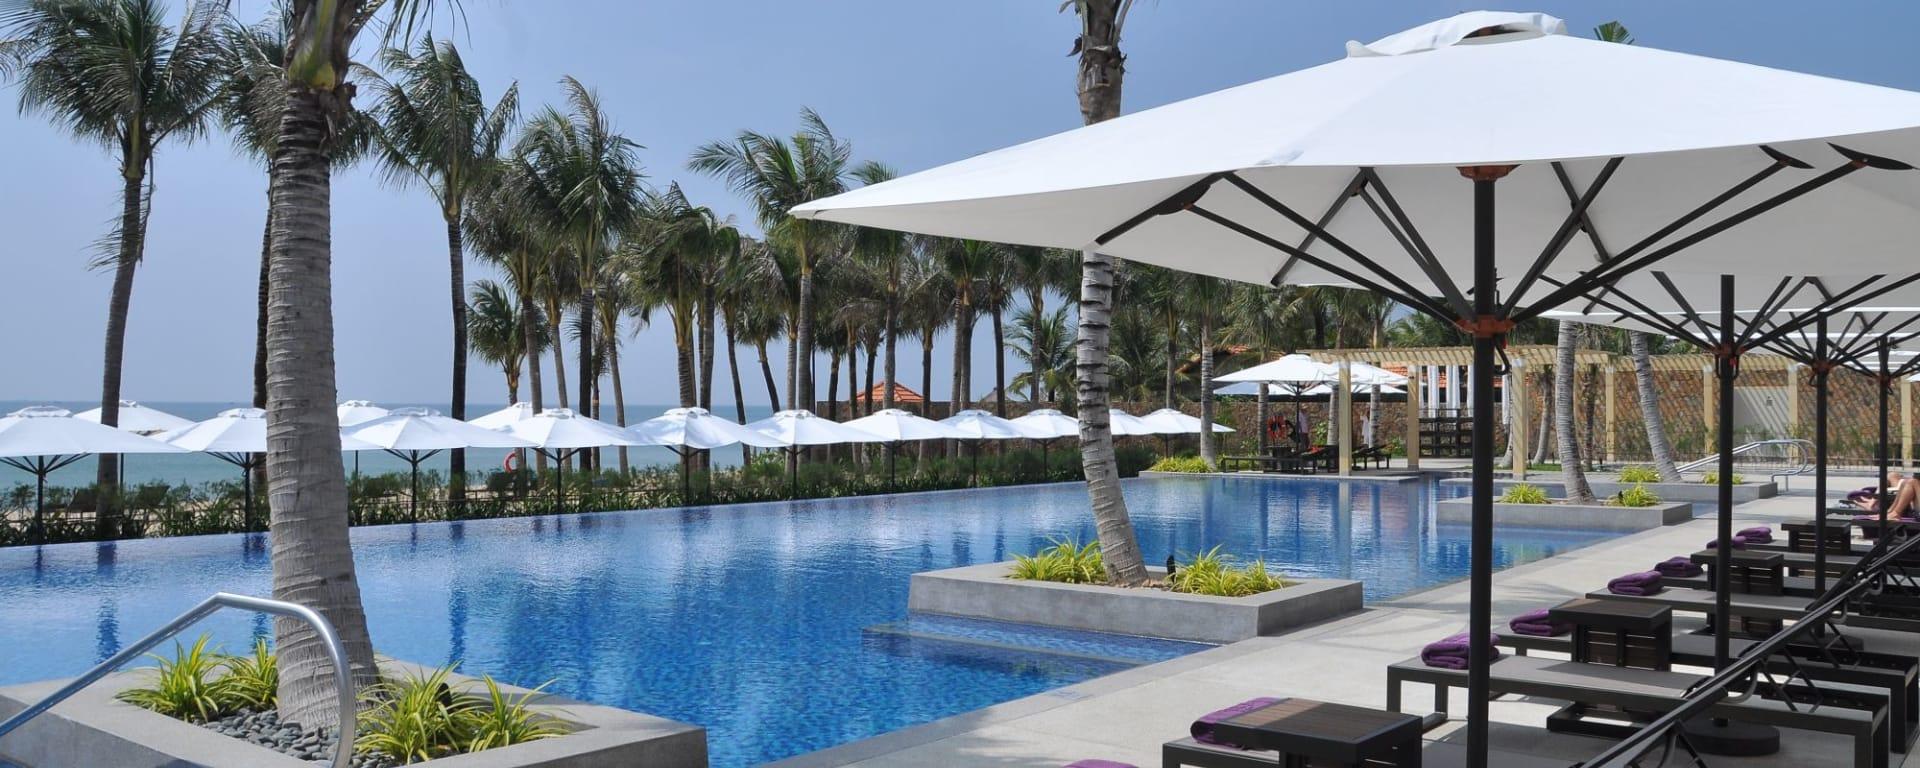 Salinda Resort in Phu Quoc: Swimming pool